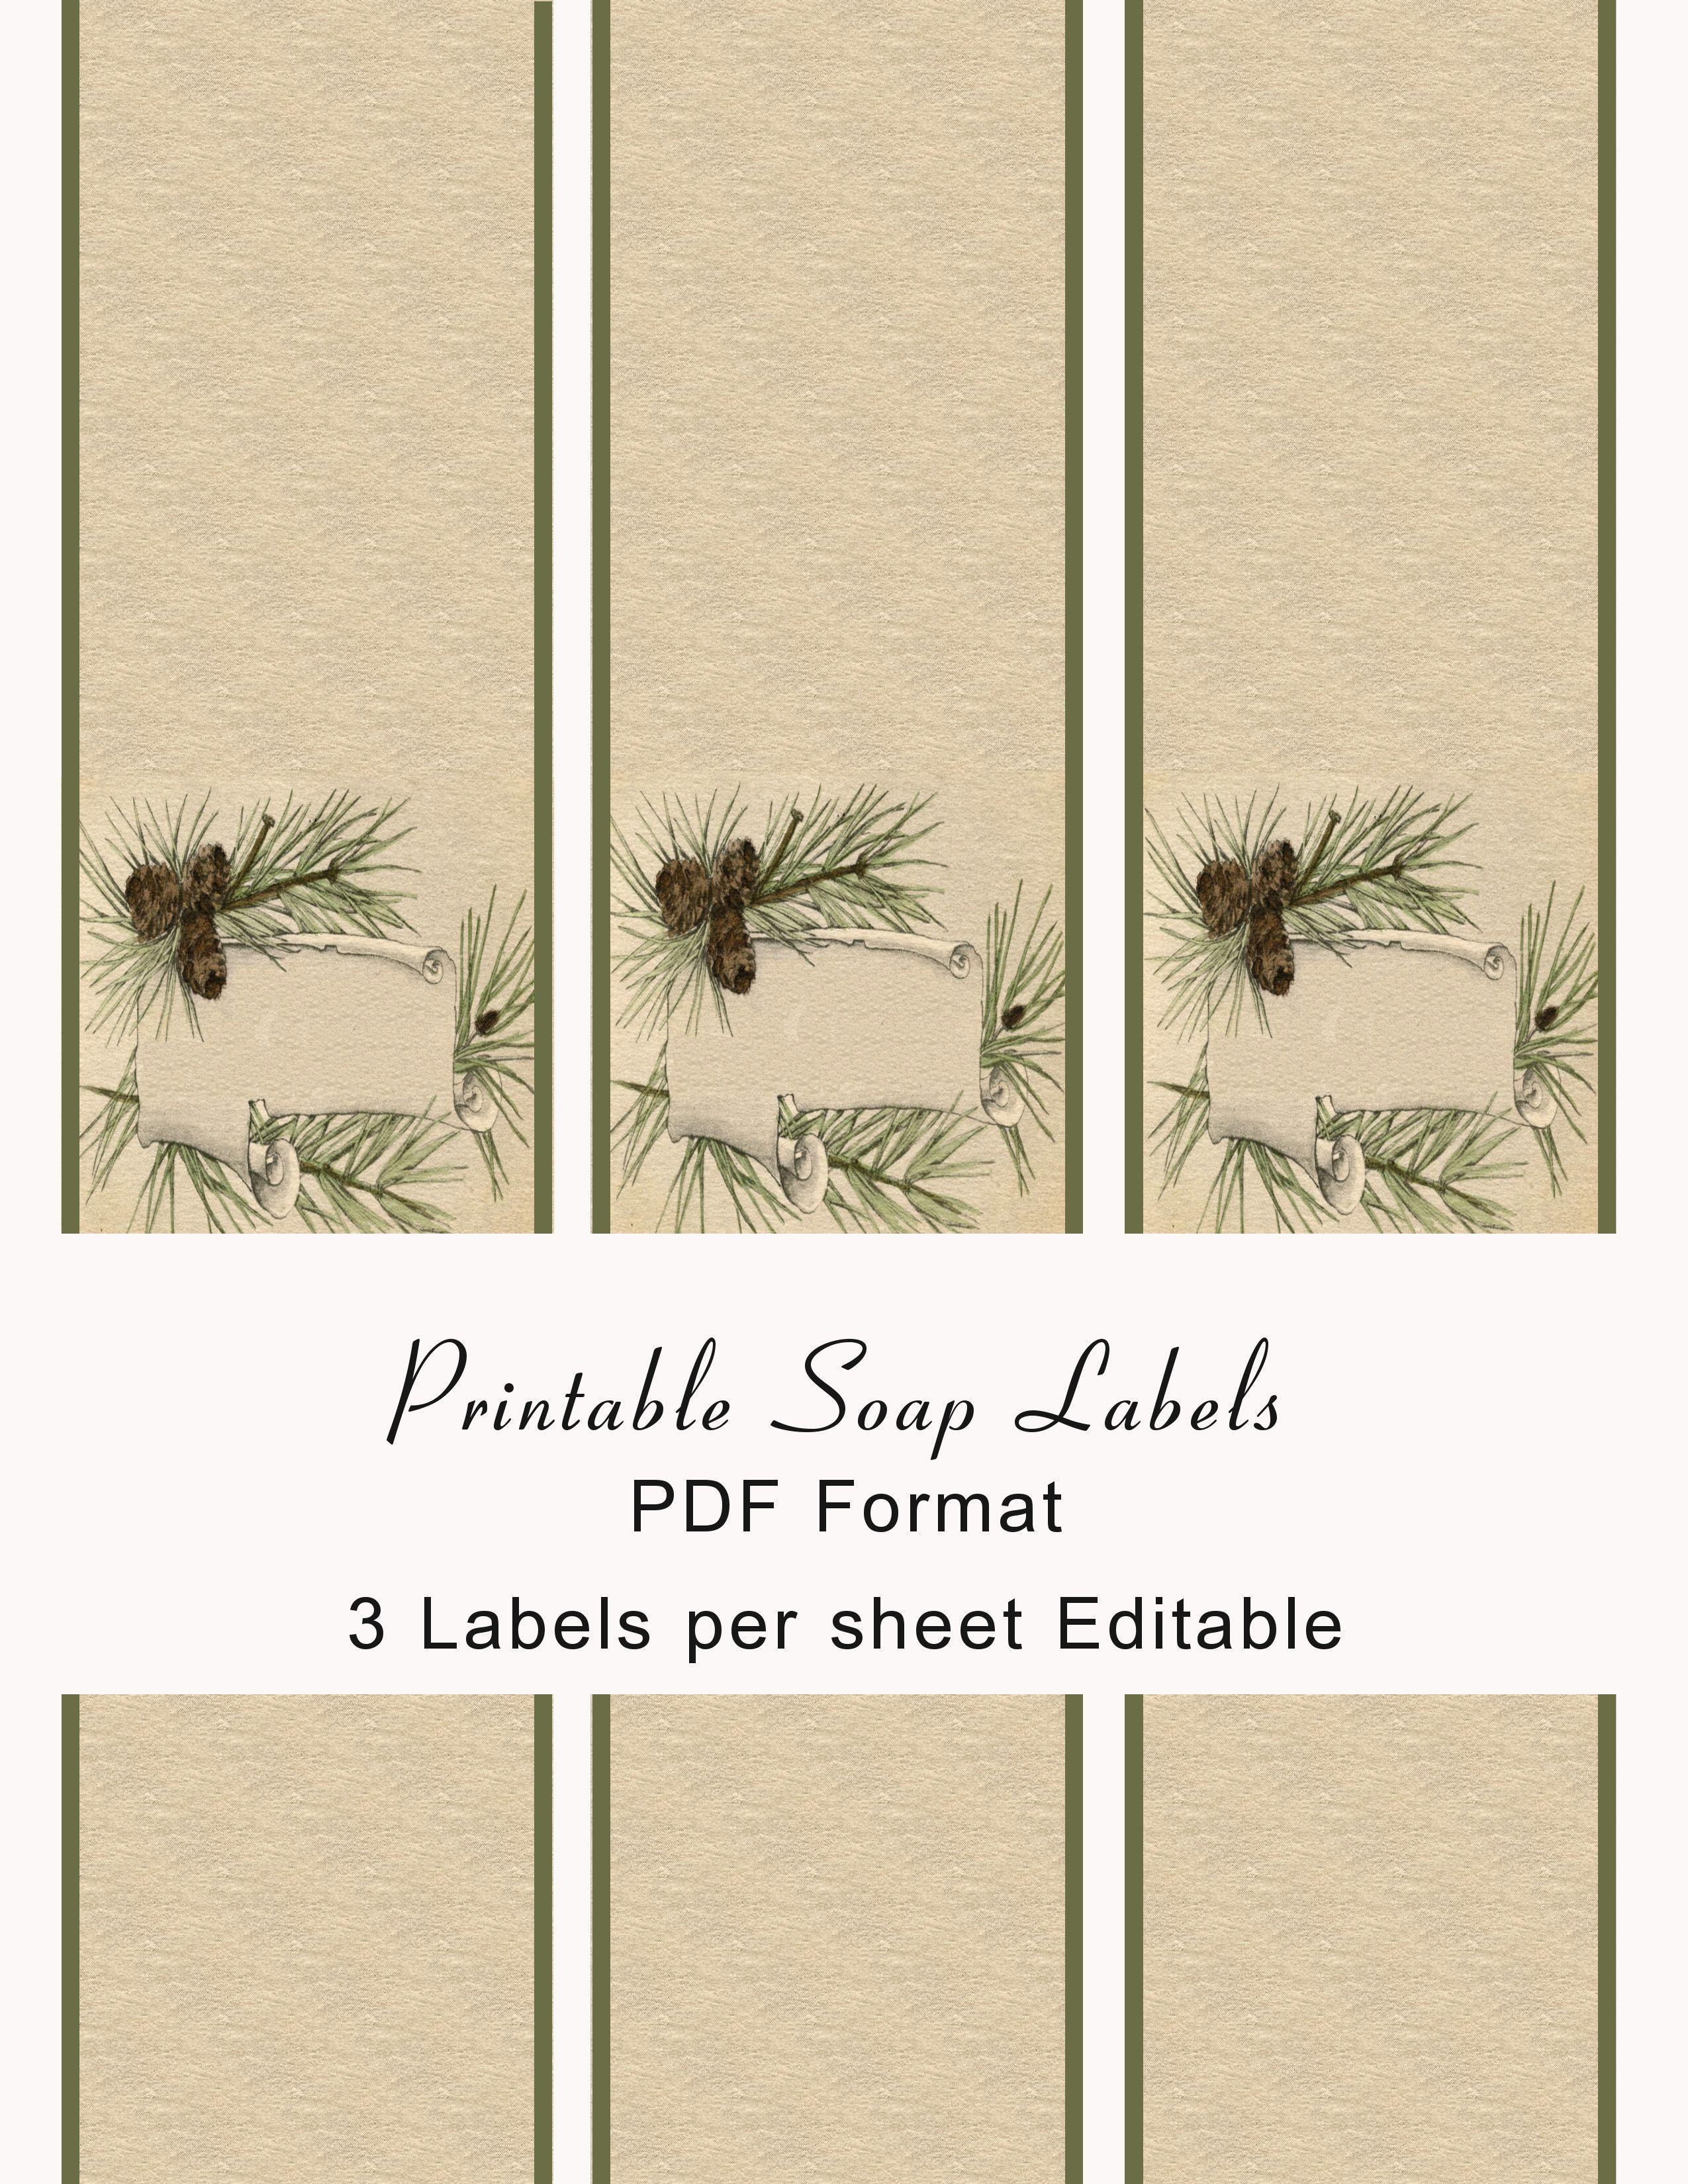 Printable Soap Labels | Soaps | Soap labels, Diy soap labels